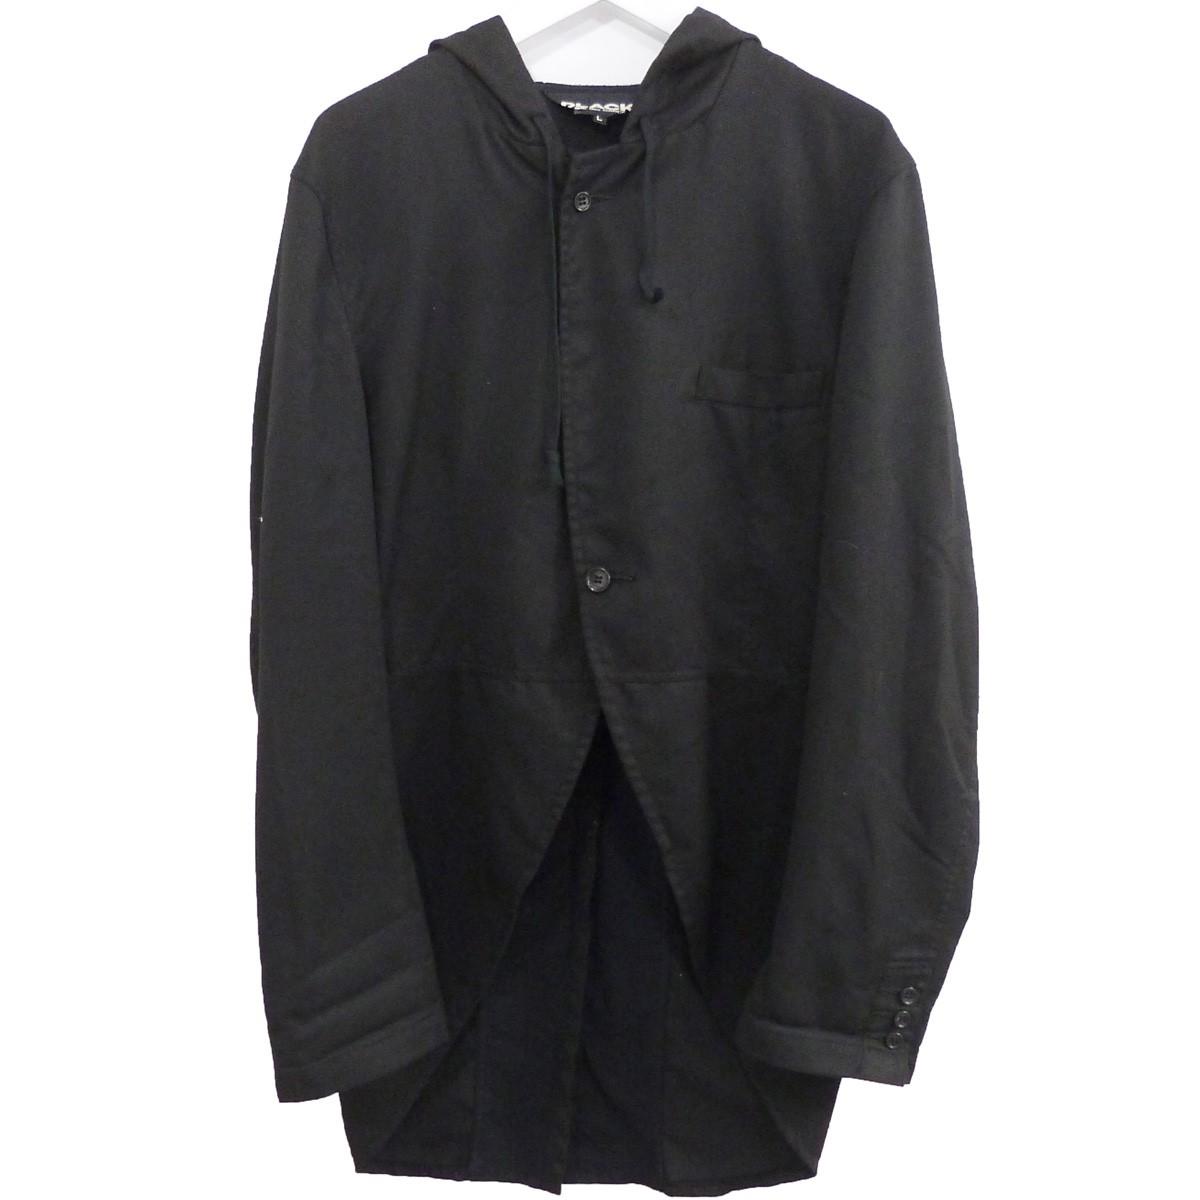 【中古】BLACK COMME des GARCONS 製品洗い加工燕尾フーデッドジャケット ブラック サイズ:L 【230720】(ブラックコムデギャルソン)